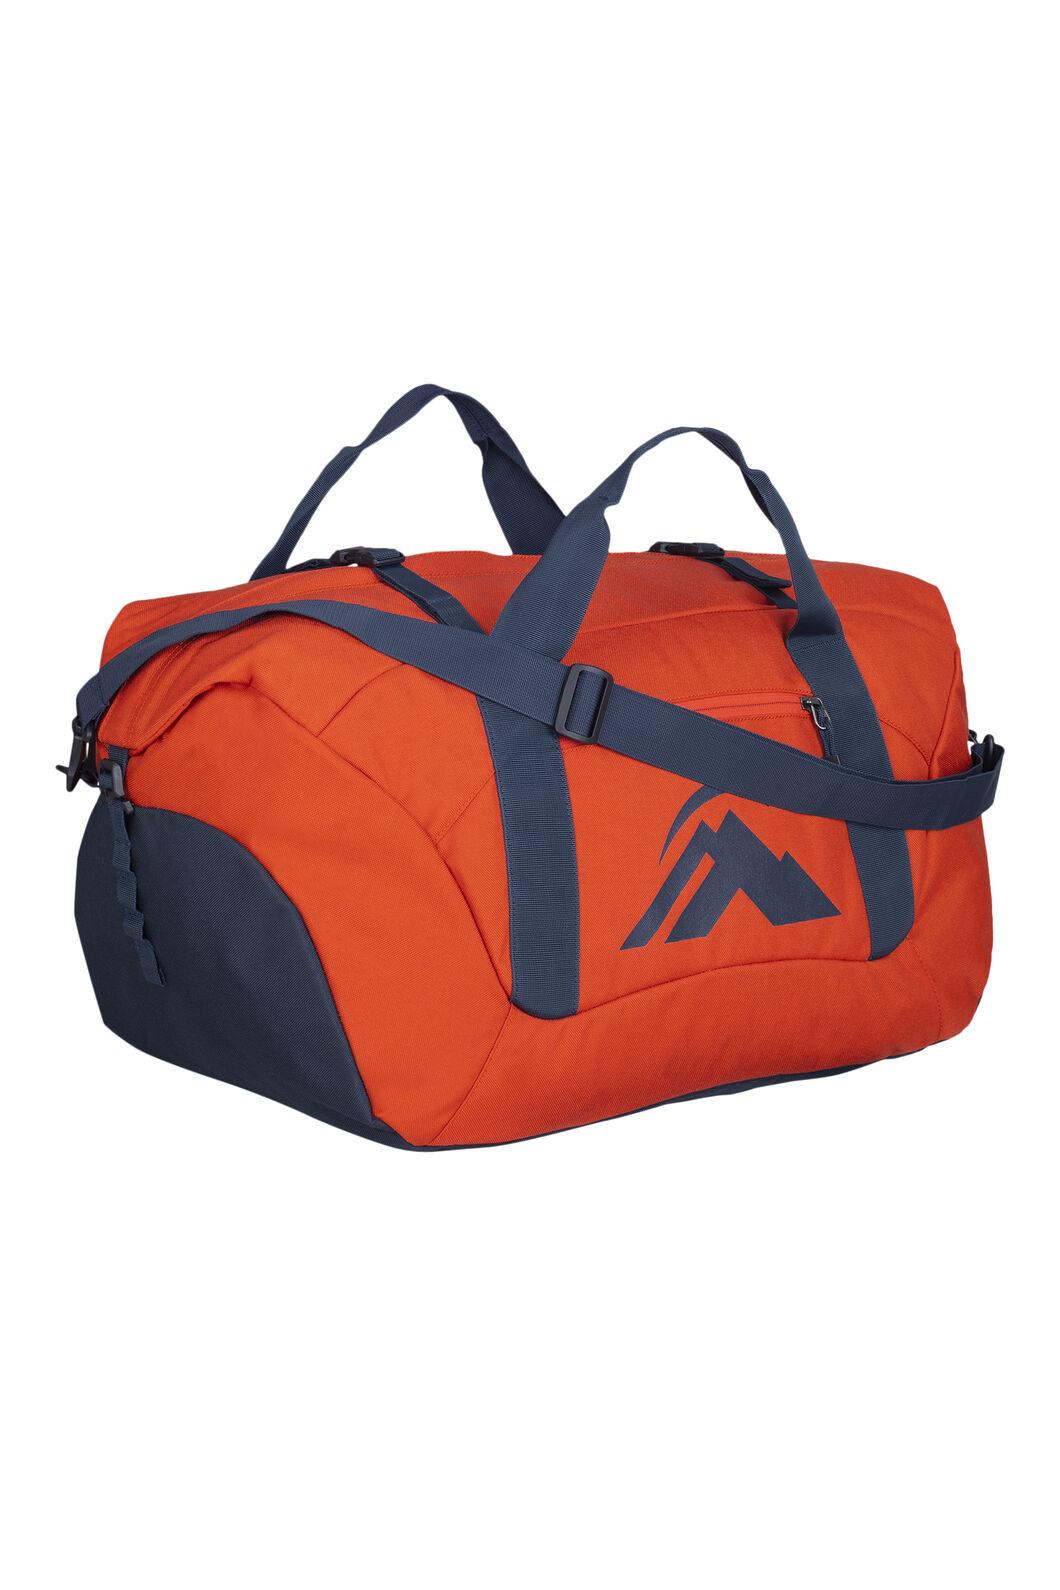 Macpac Duffel 50L 1.1, Pumpkin, hi-res